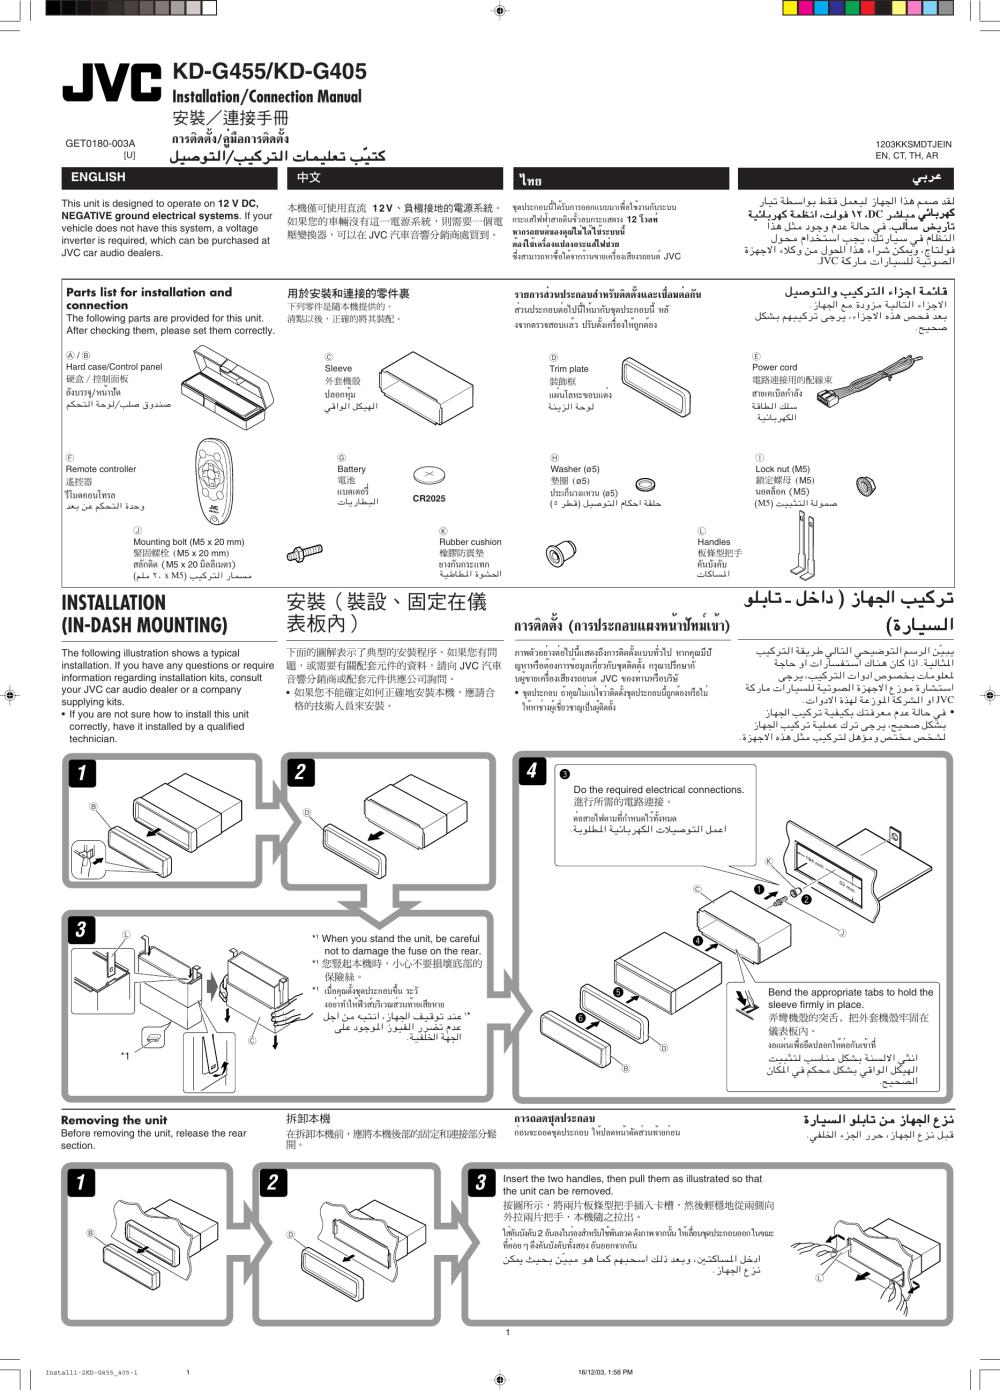 medium resolution of avx40 kd jvc user manual